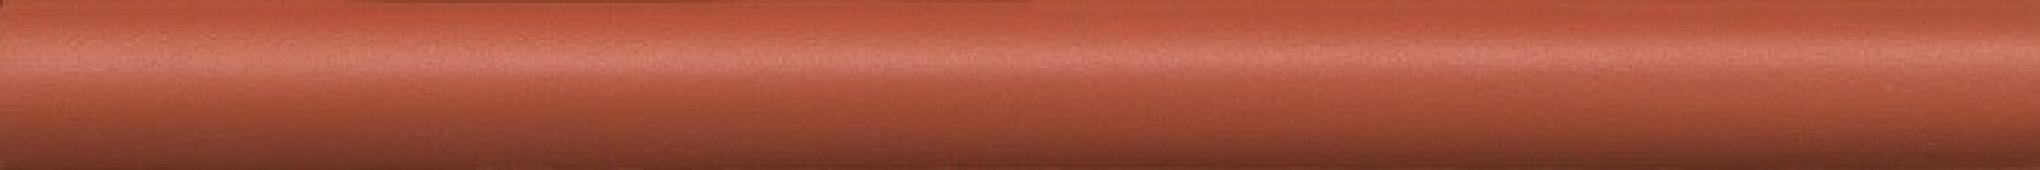 Карандаш Диагональ красный обрезной 25x2x12